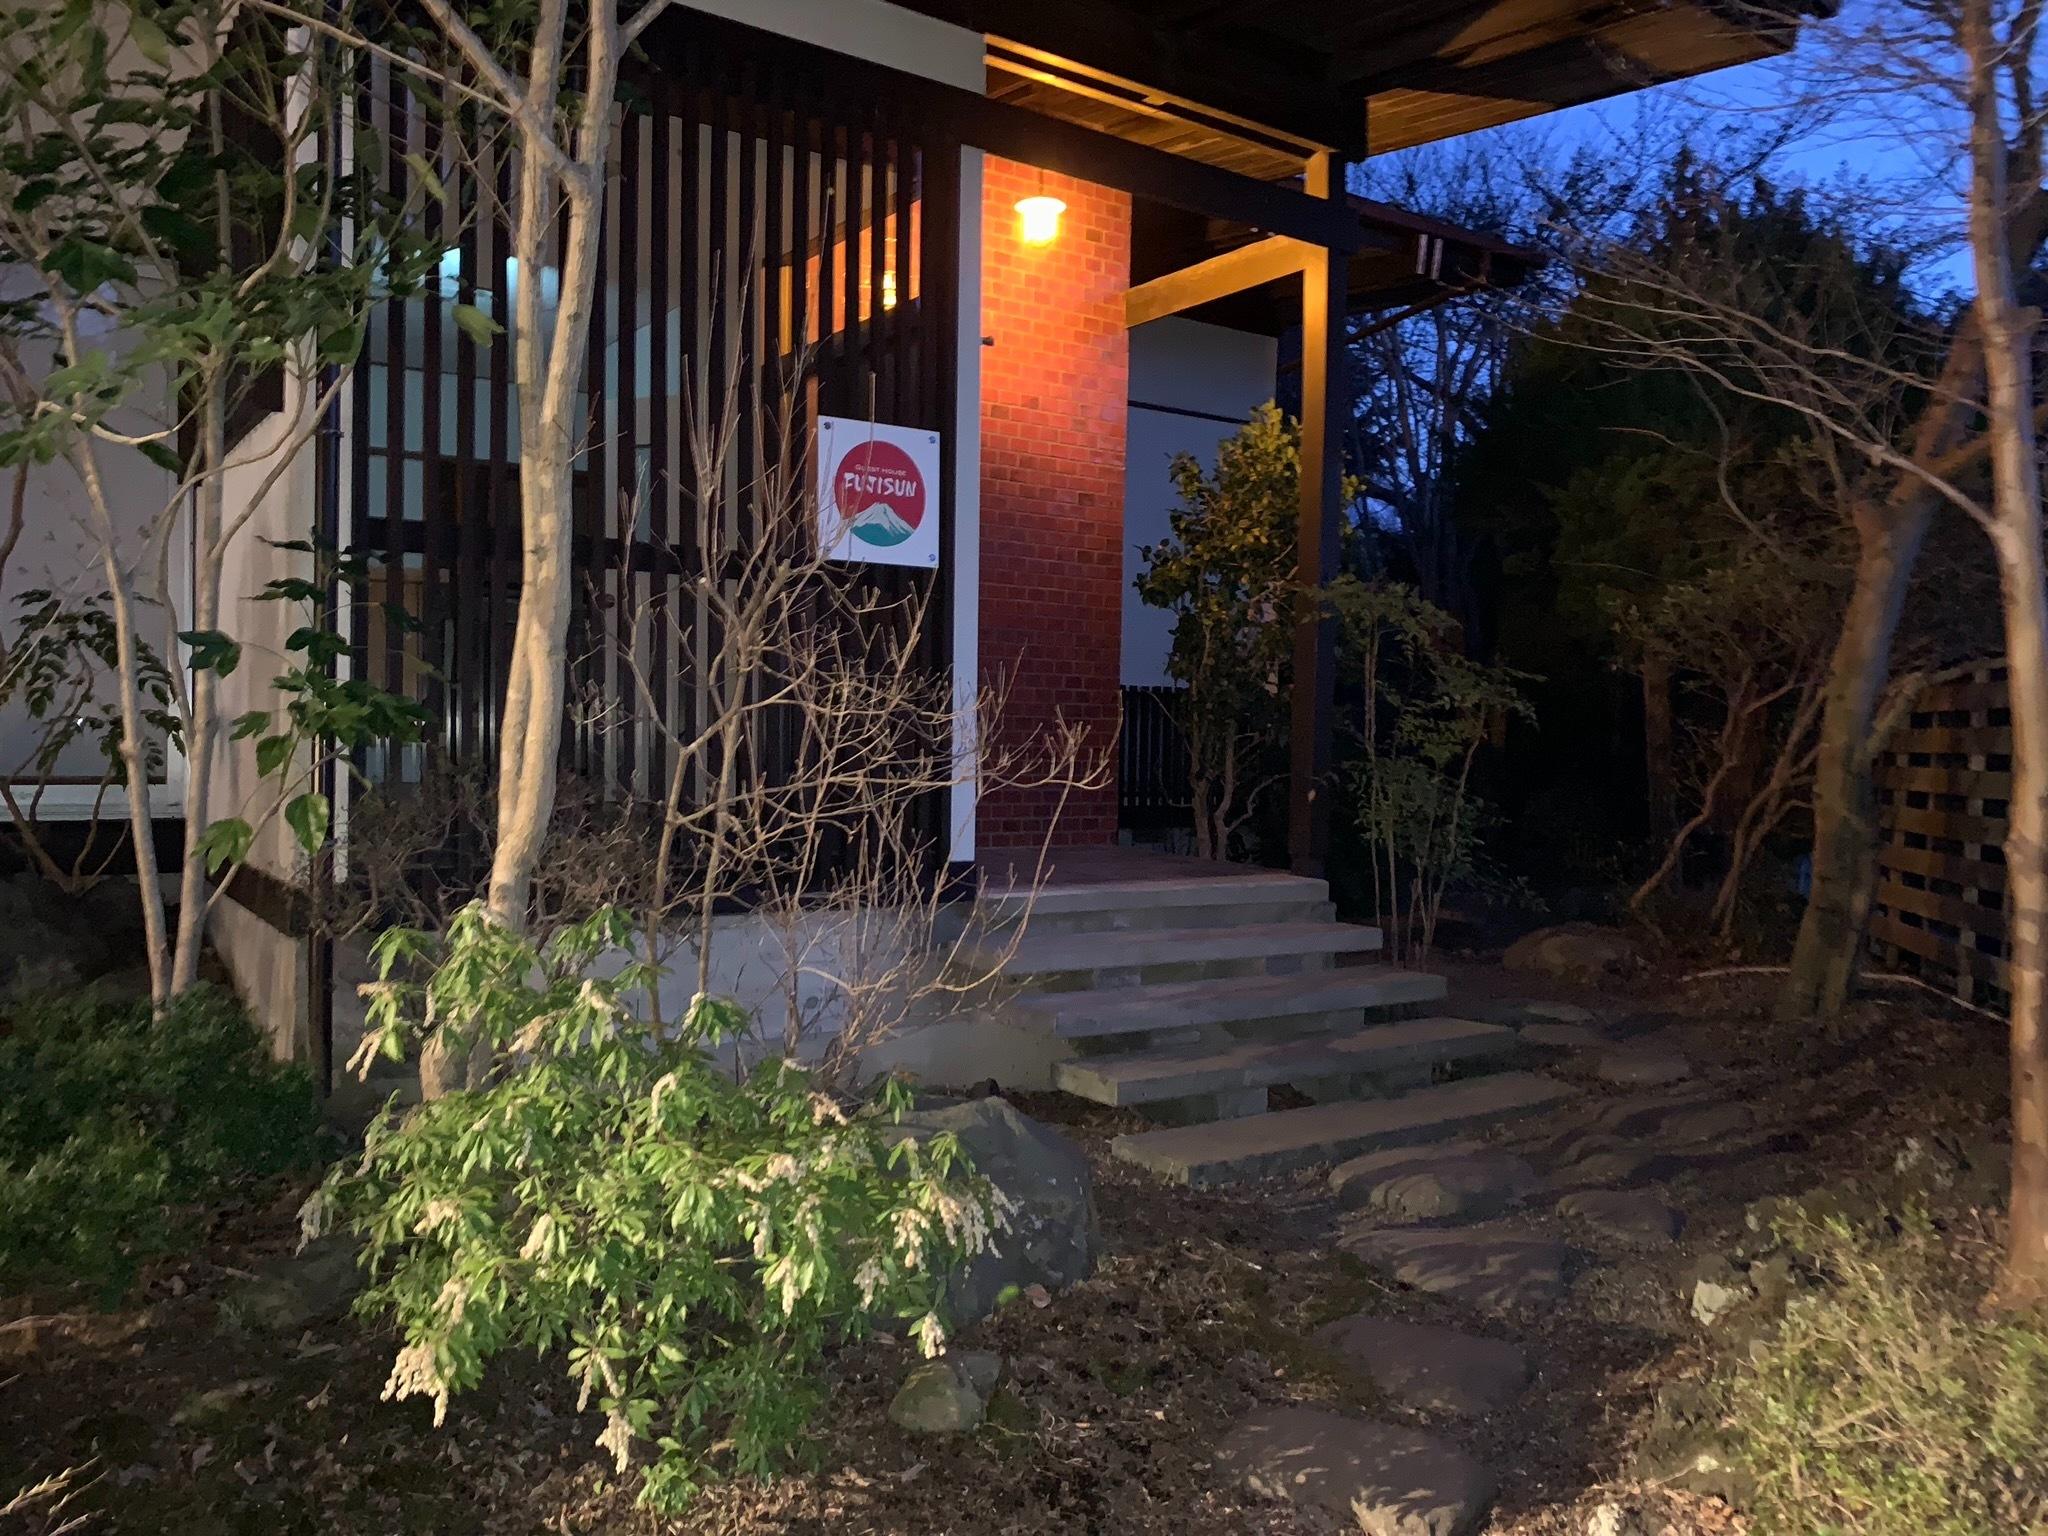 門扉を通って右側のこちらが玄関